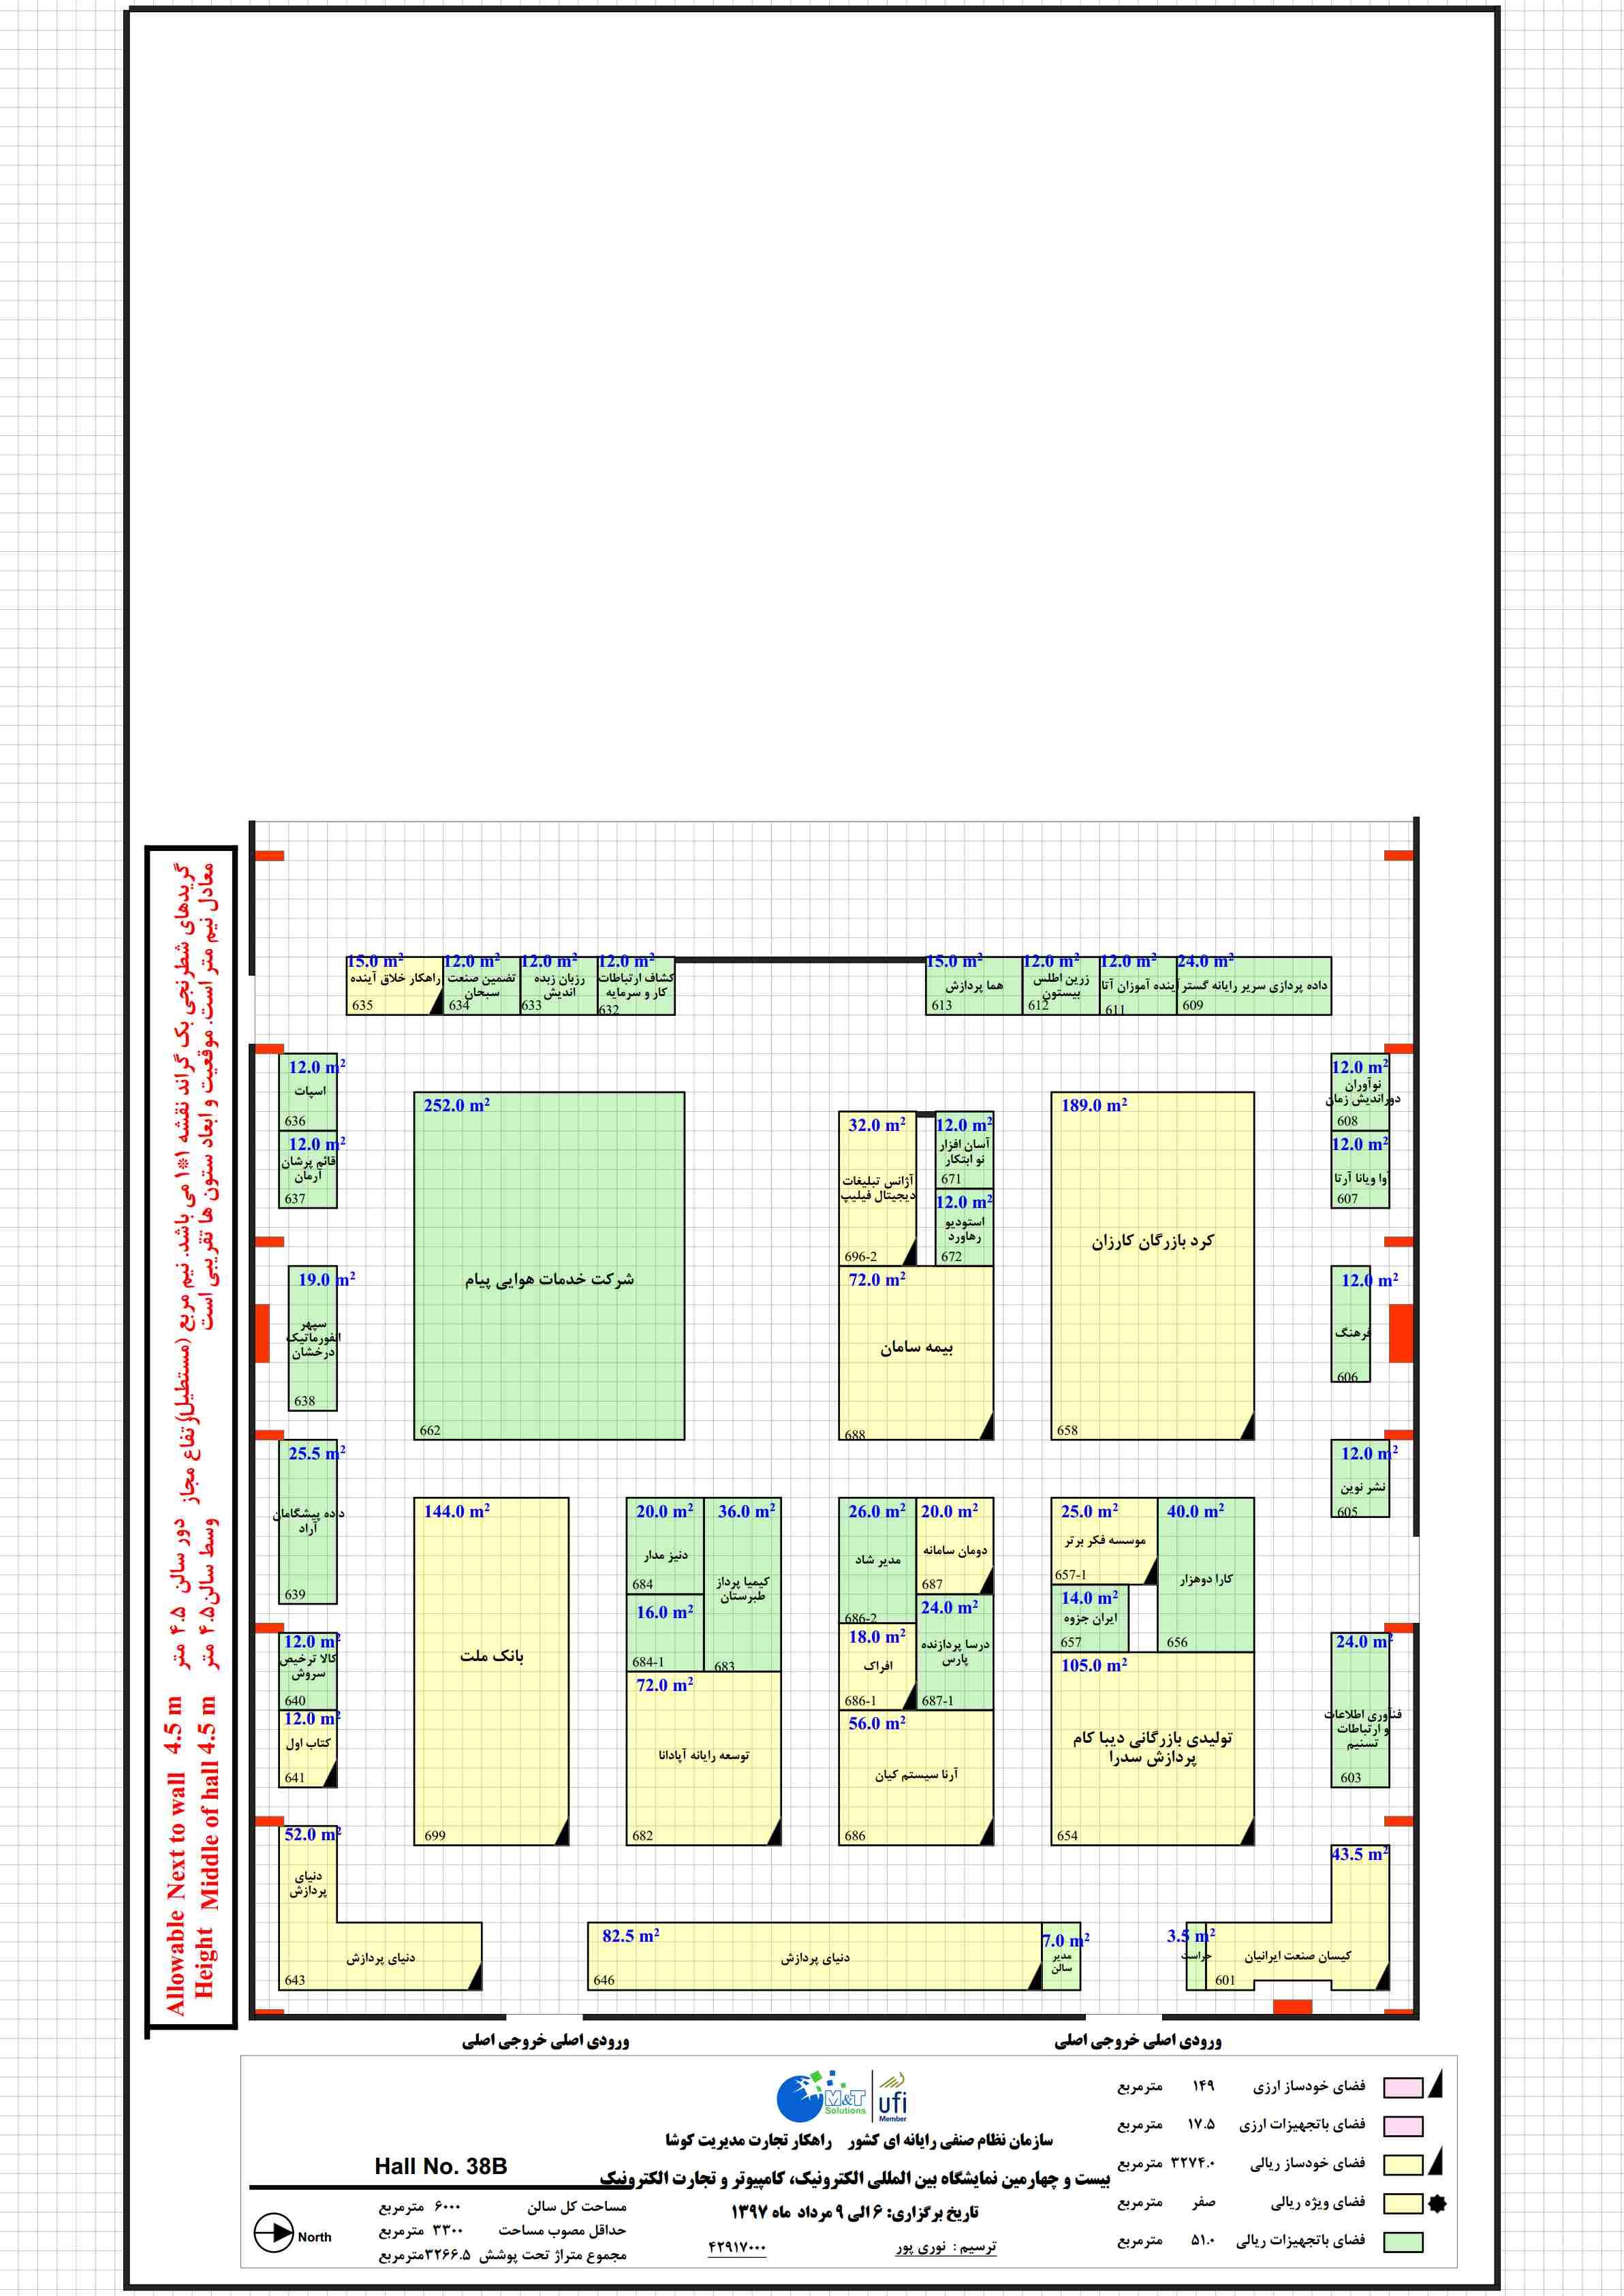 نقشه راهنمای نمایشگاه الکامپ تهران سالن 38 B